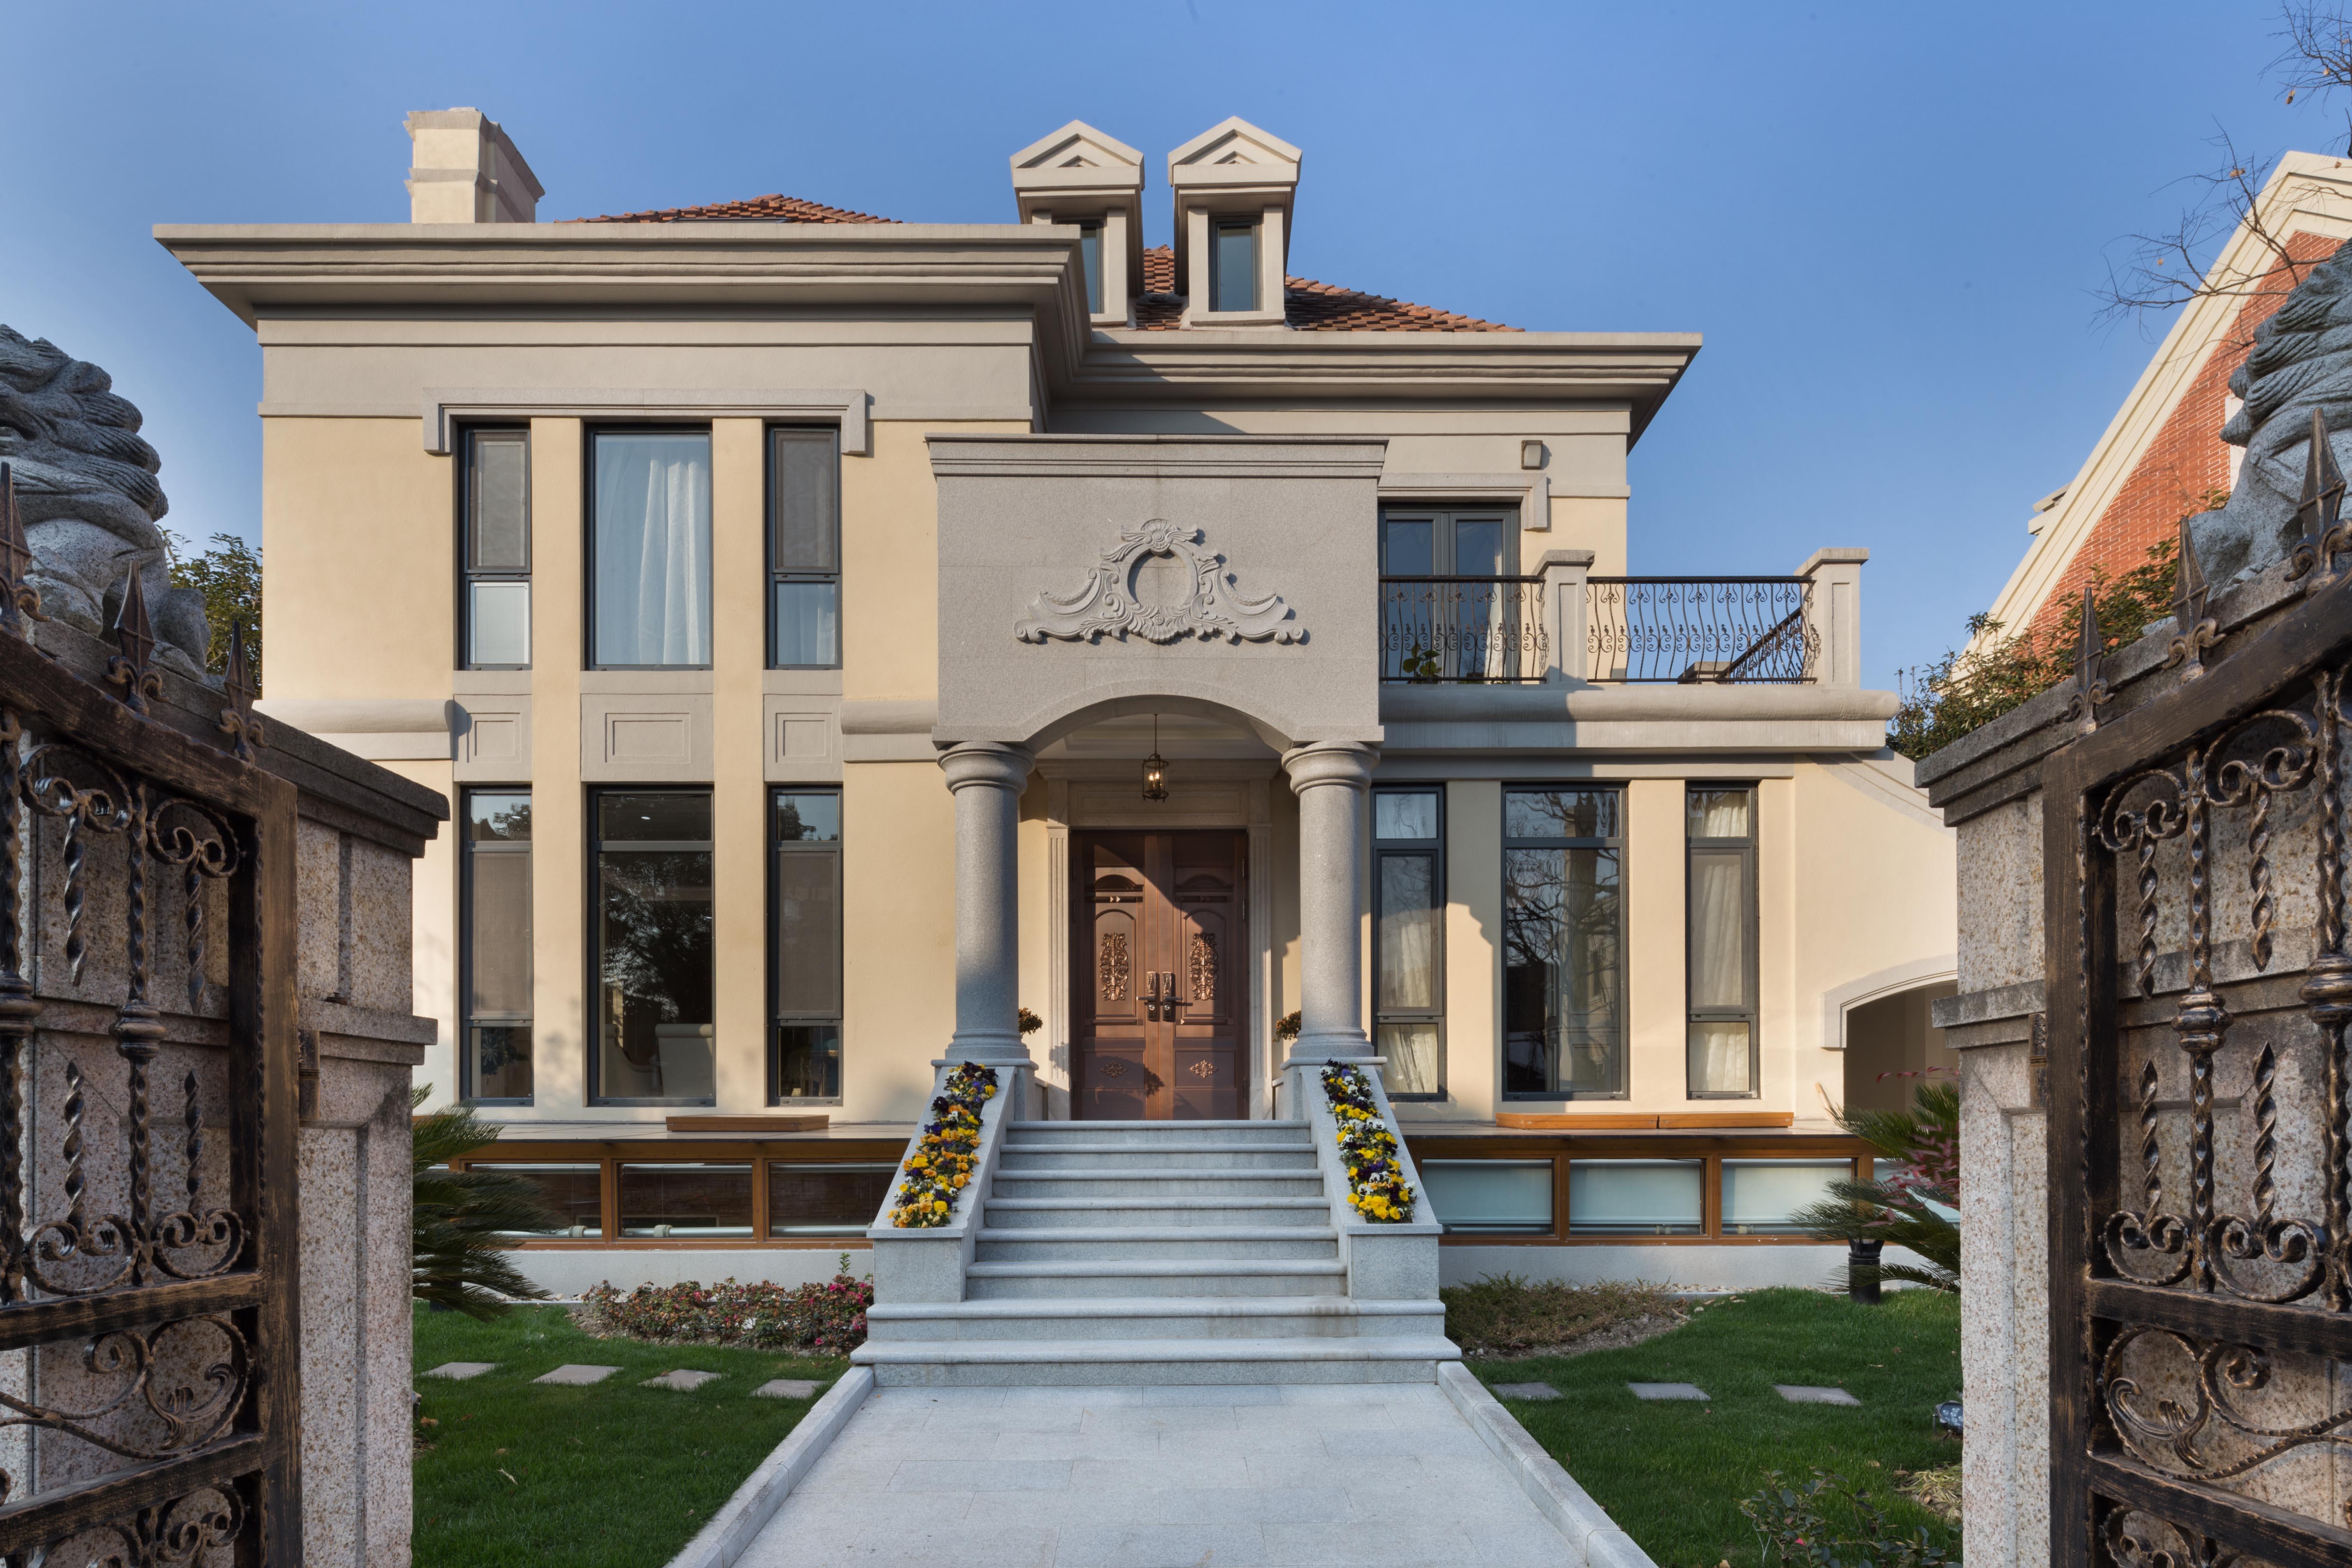 云间绿大地 别墅装修 北欧风格 别墅设计师 腾龙设计作 其他图片来自孔继民在云间绿大地别墅欧美风格设计的分享